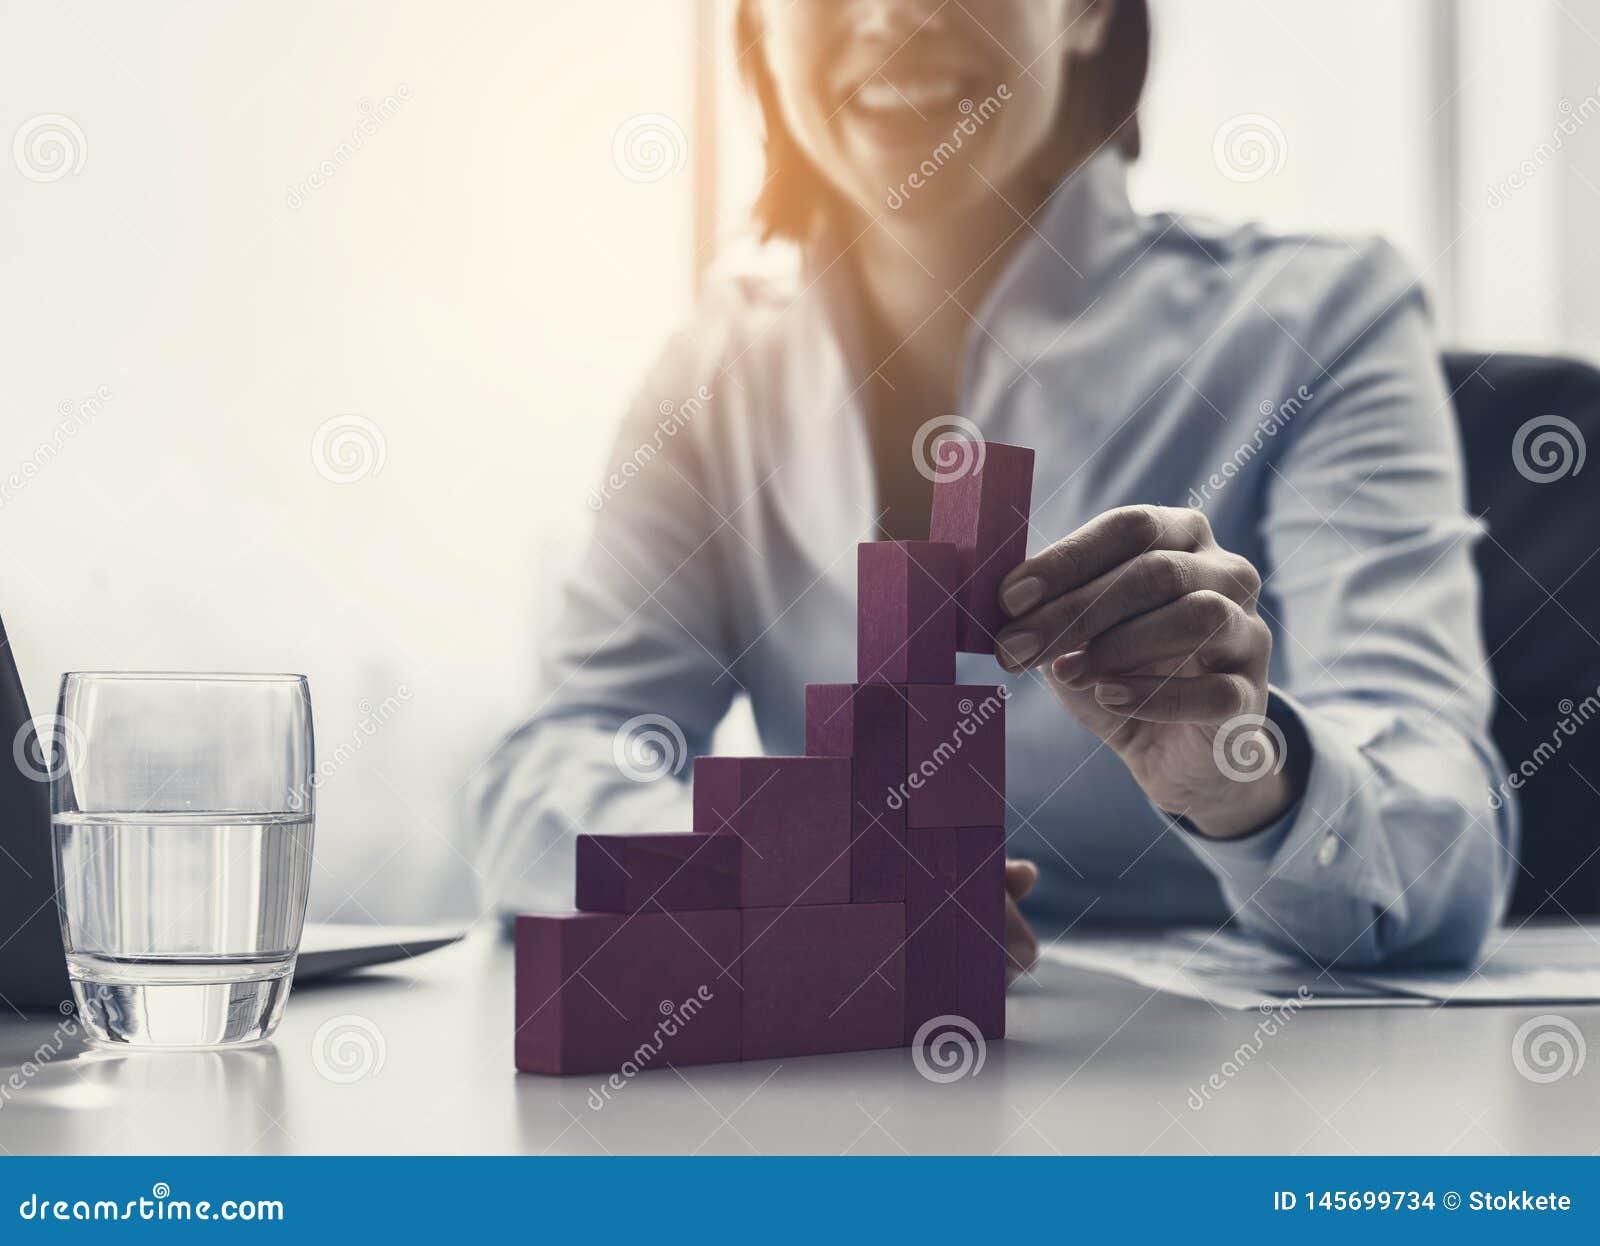 Lächelnde Geschäftsfrau, die ein erfolgreiches Finanzdiagramm errichtet